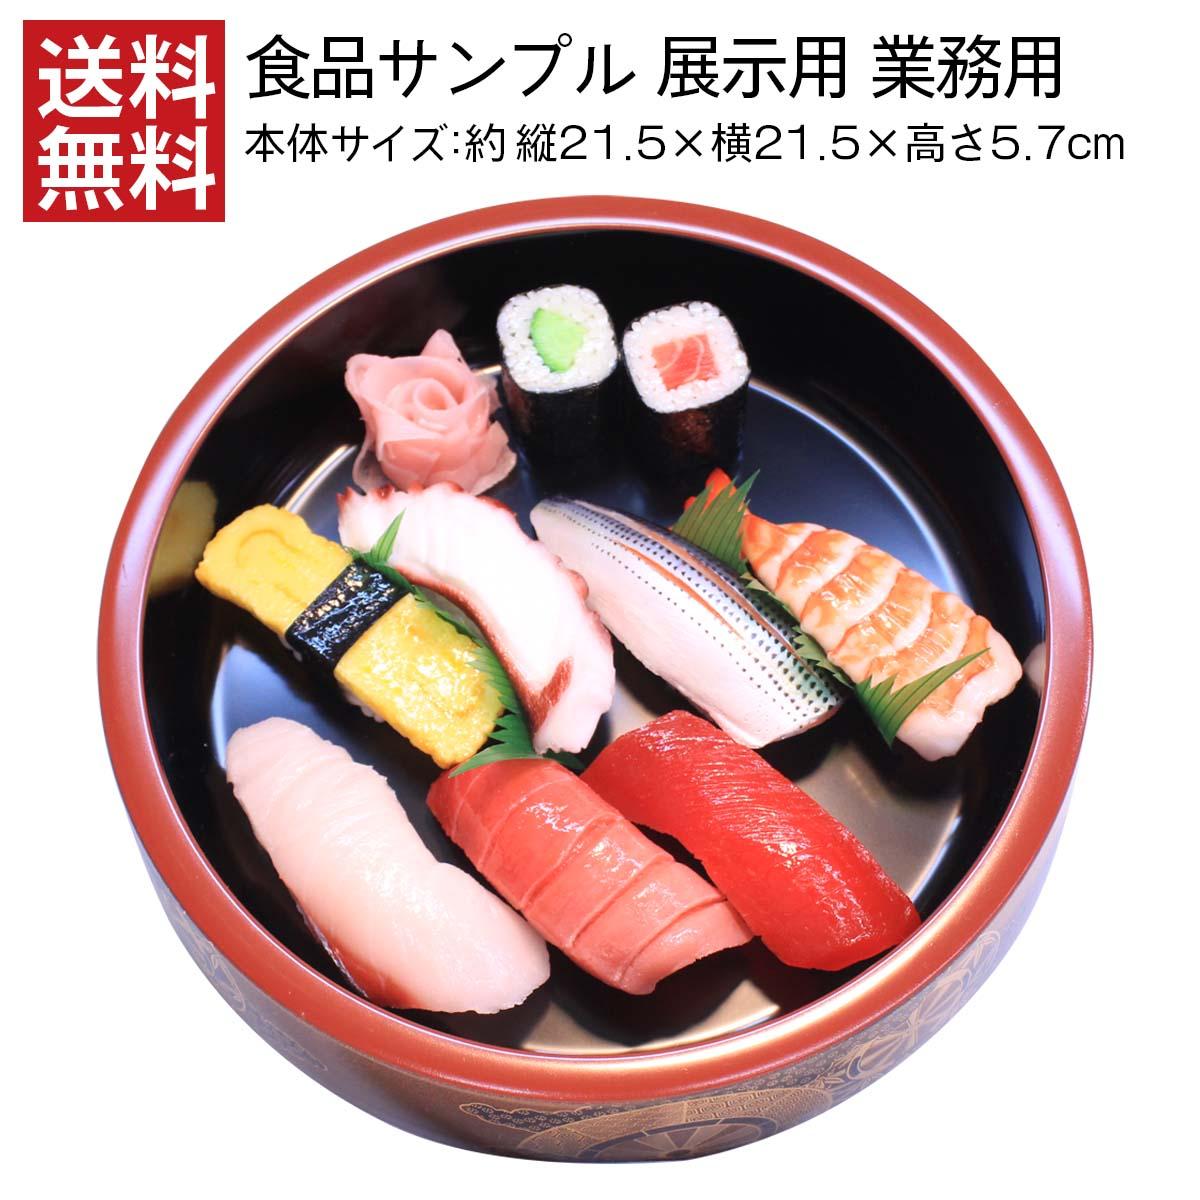 【送料無料】食品サンプル 展示用 寿司桶1人前 業務用 オブジェ 居酒屋 景品 雑貨 置物 店舗用品 日本製